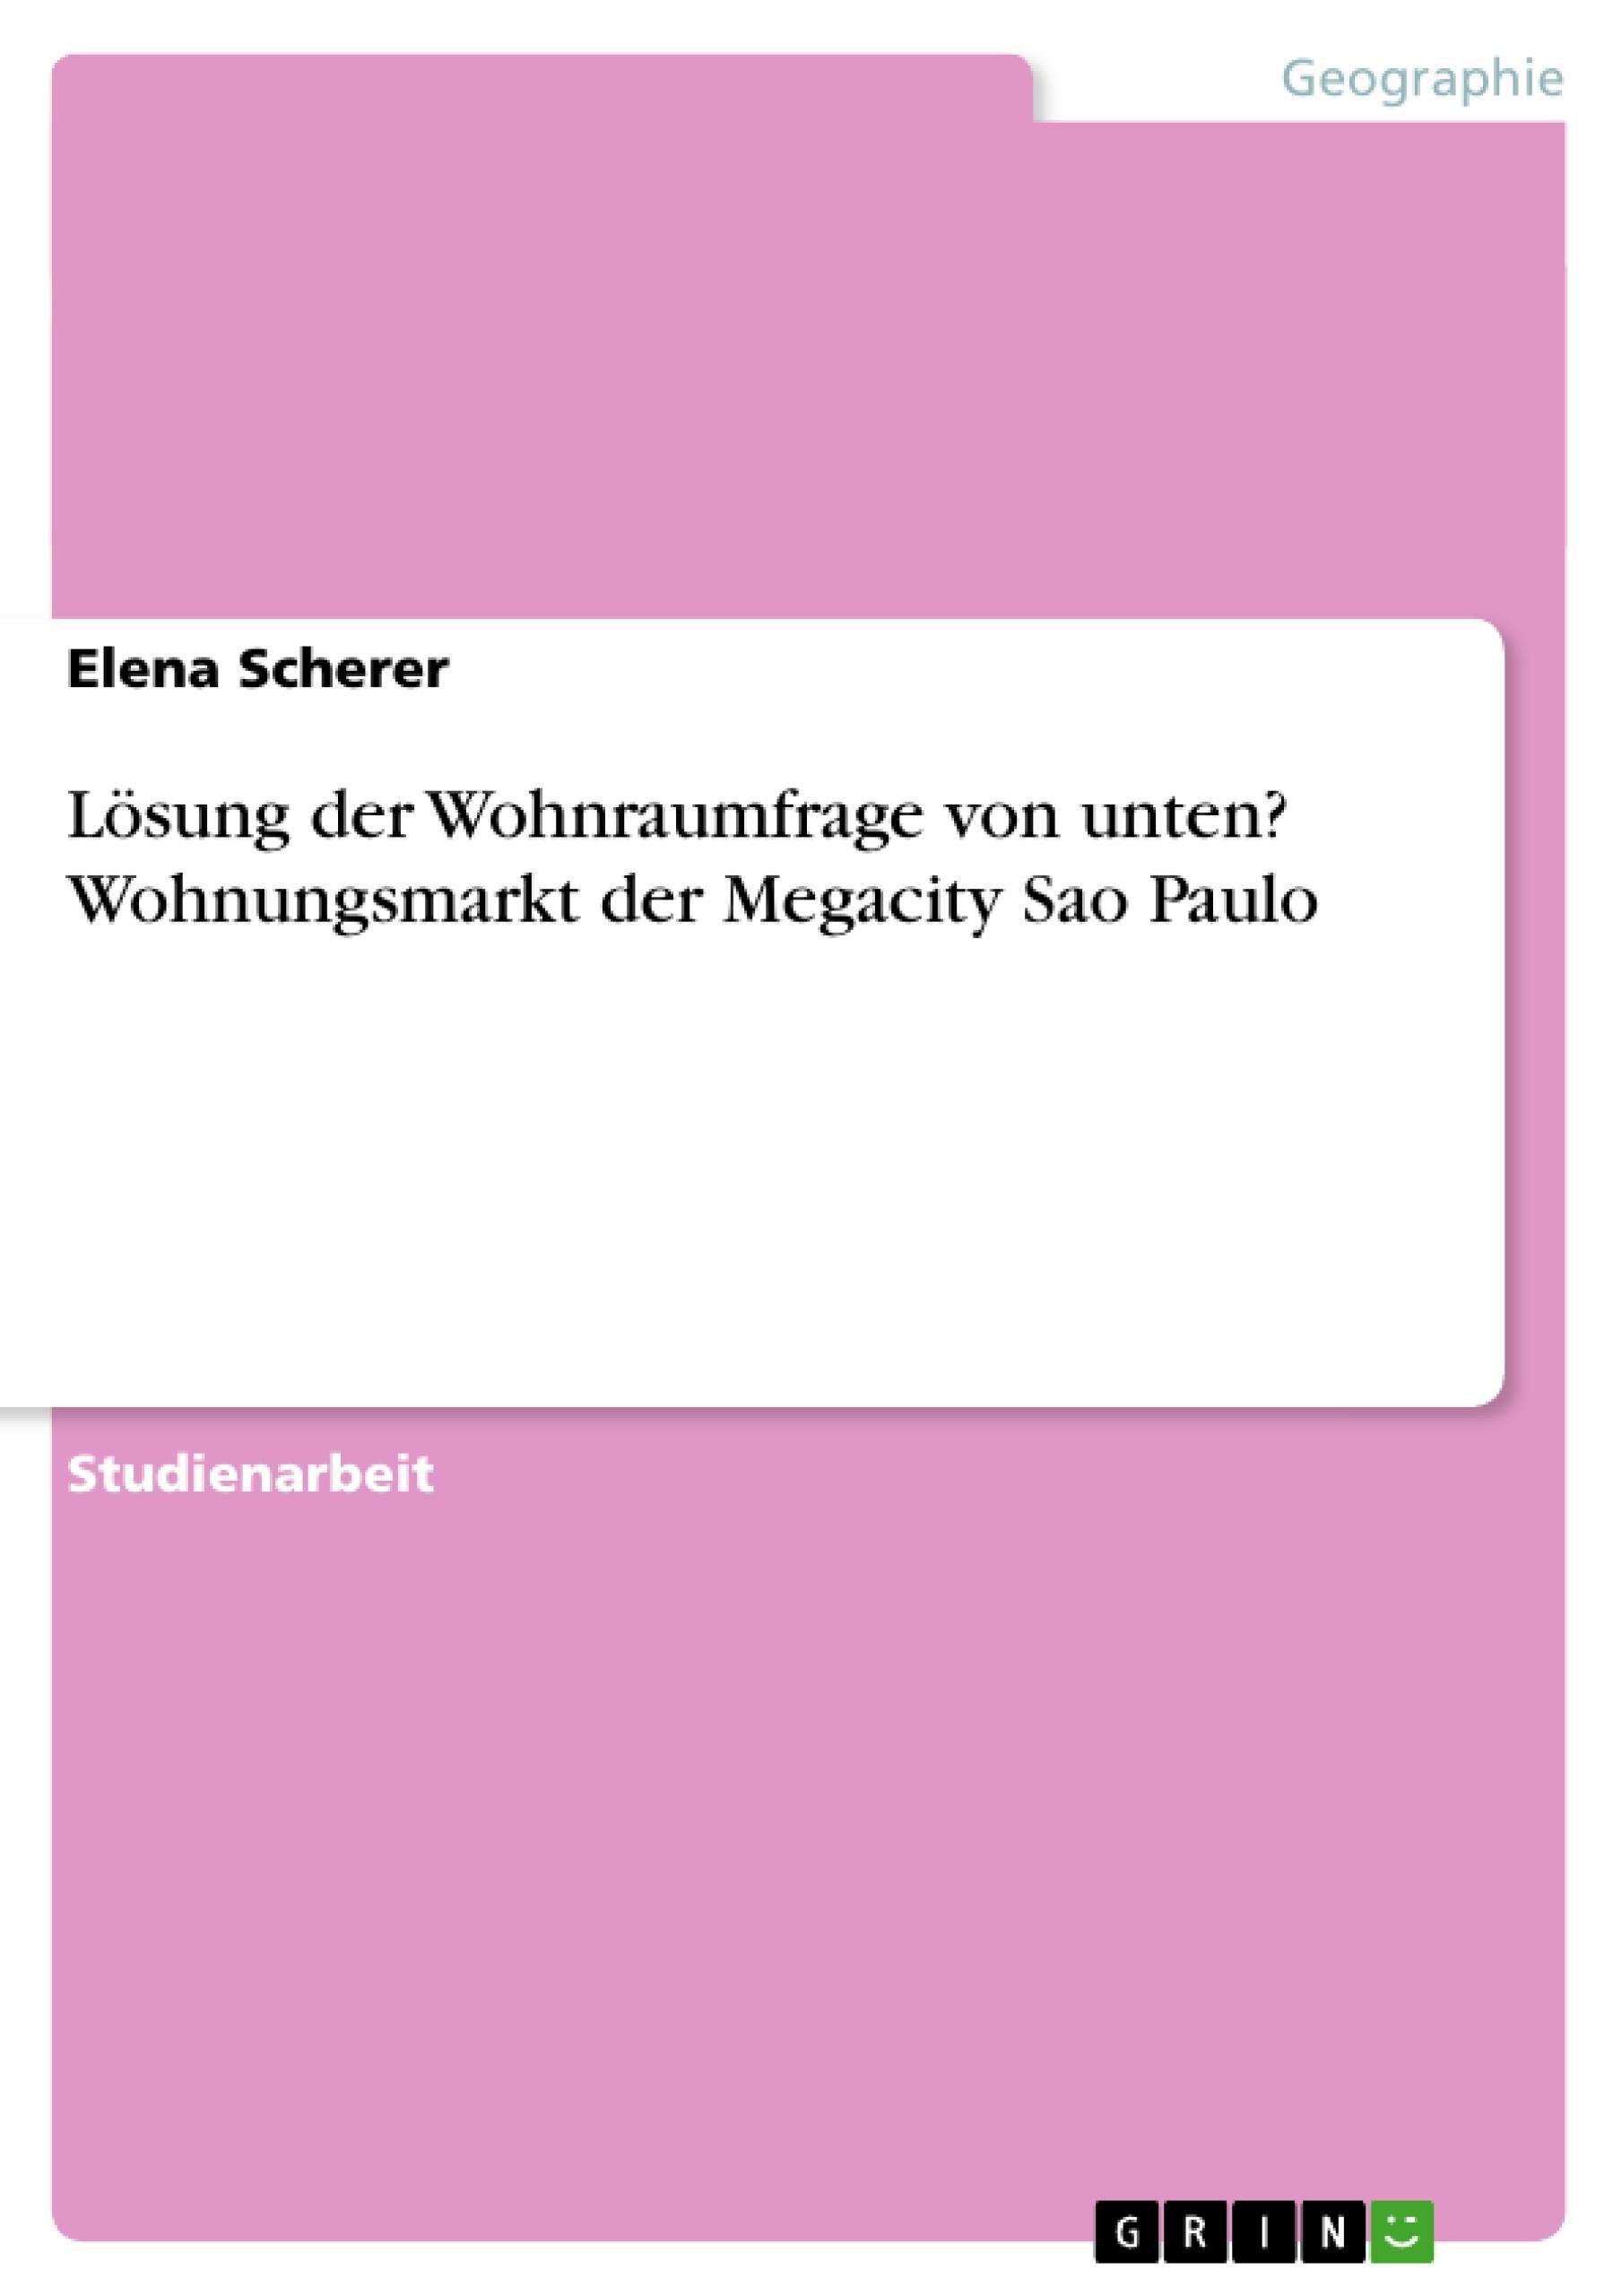 Titel: Lösung der Wohnraumfrage von unten? Wohnungsmarkt der Megacity Sao Paulo